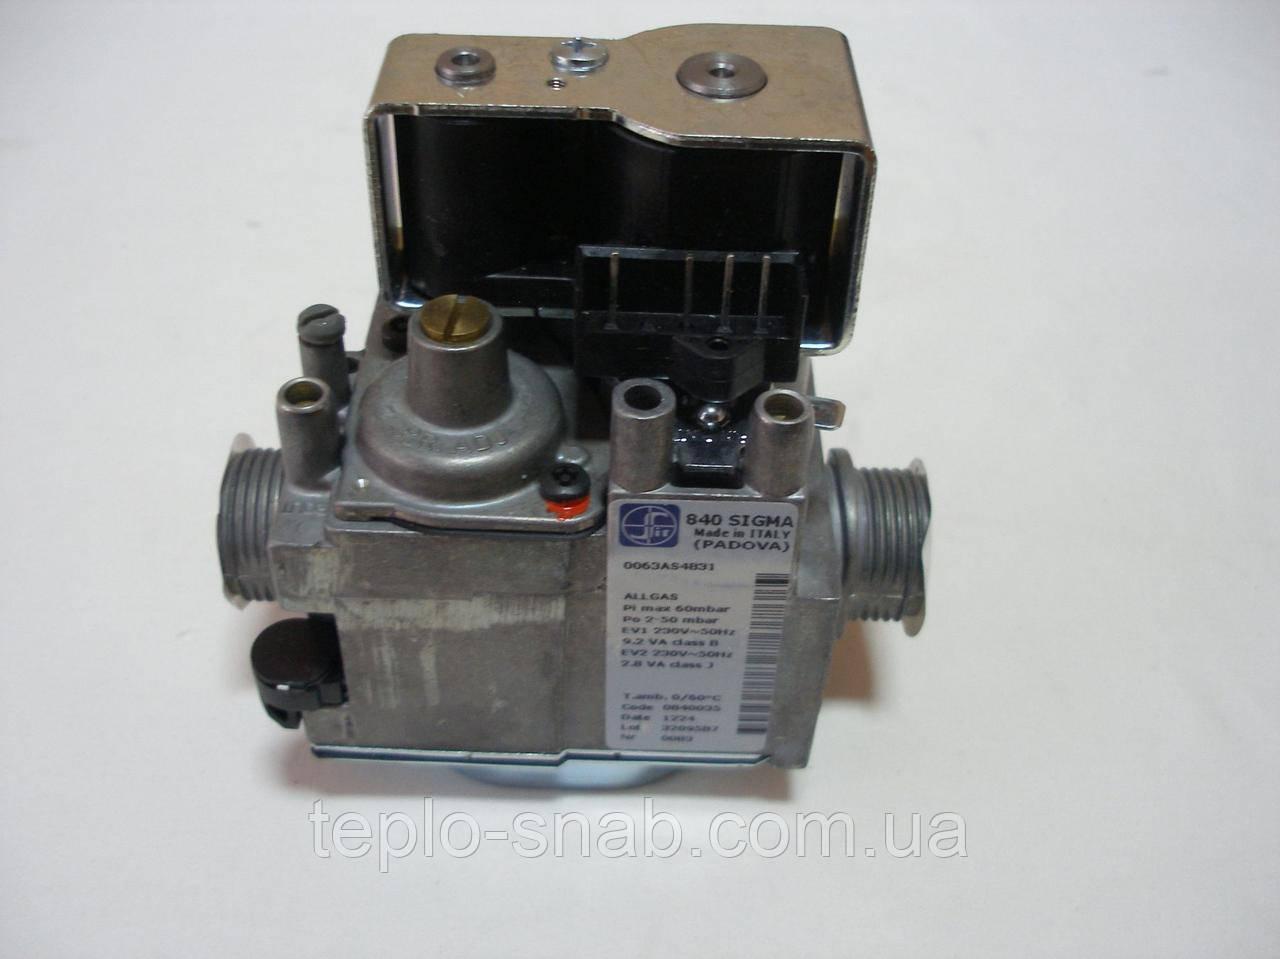 Газовый клапан 840 SIGMA энергонезависимый - .0.840.035